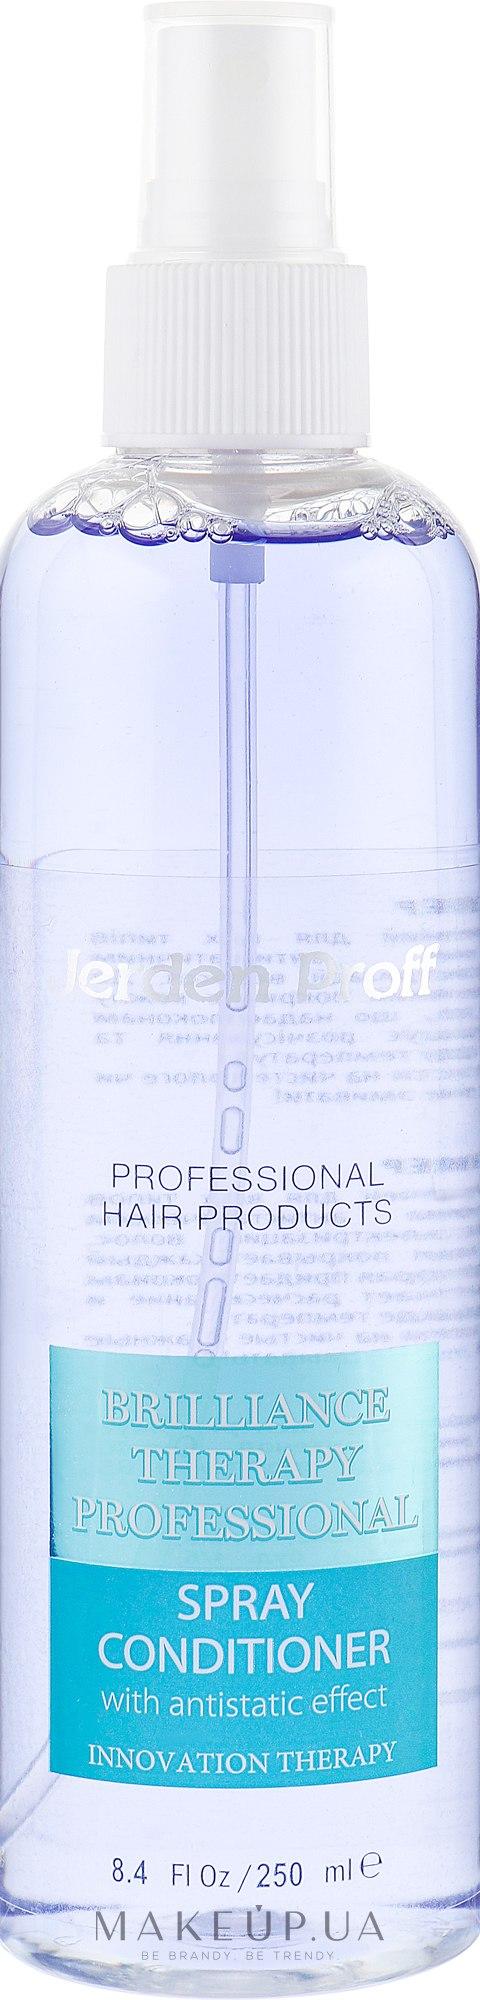 Спрей-кондиціонер - Jerden Proff Hair Care Spray Conditioner — фото 250ml